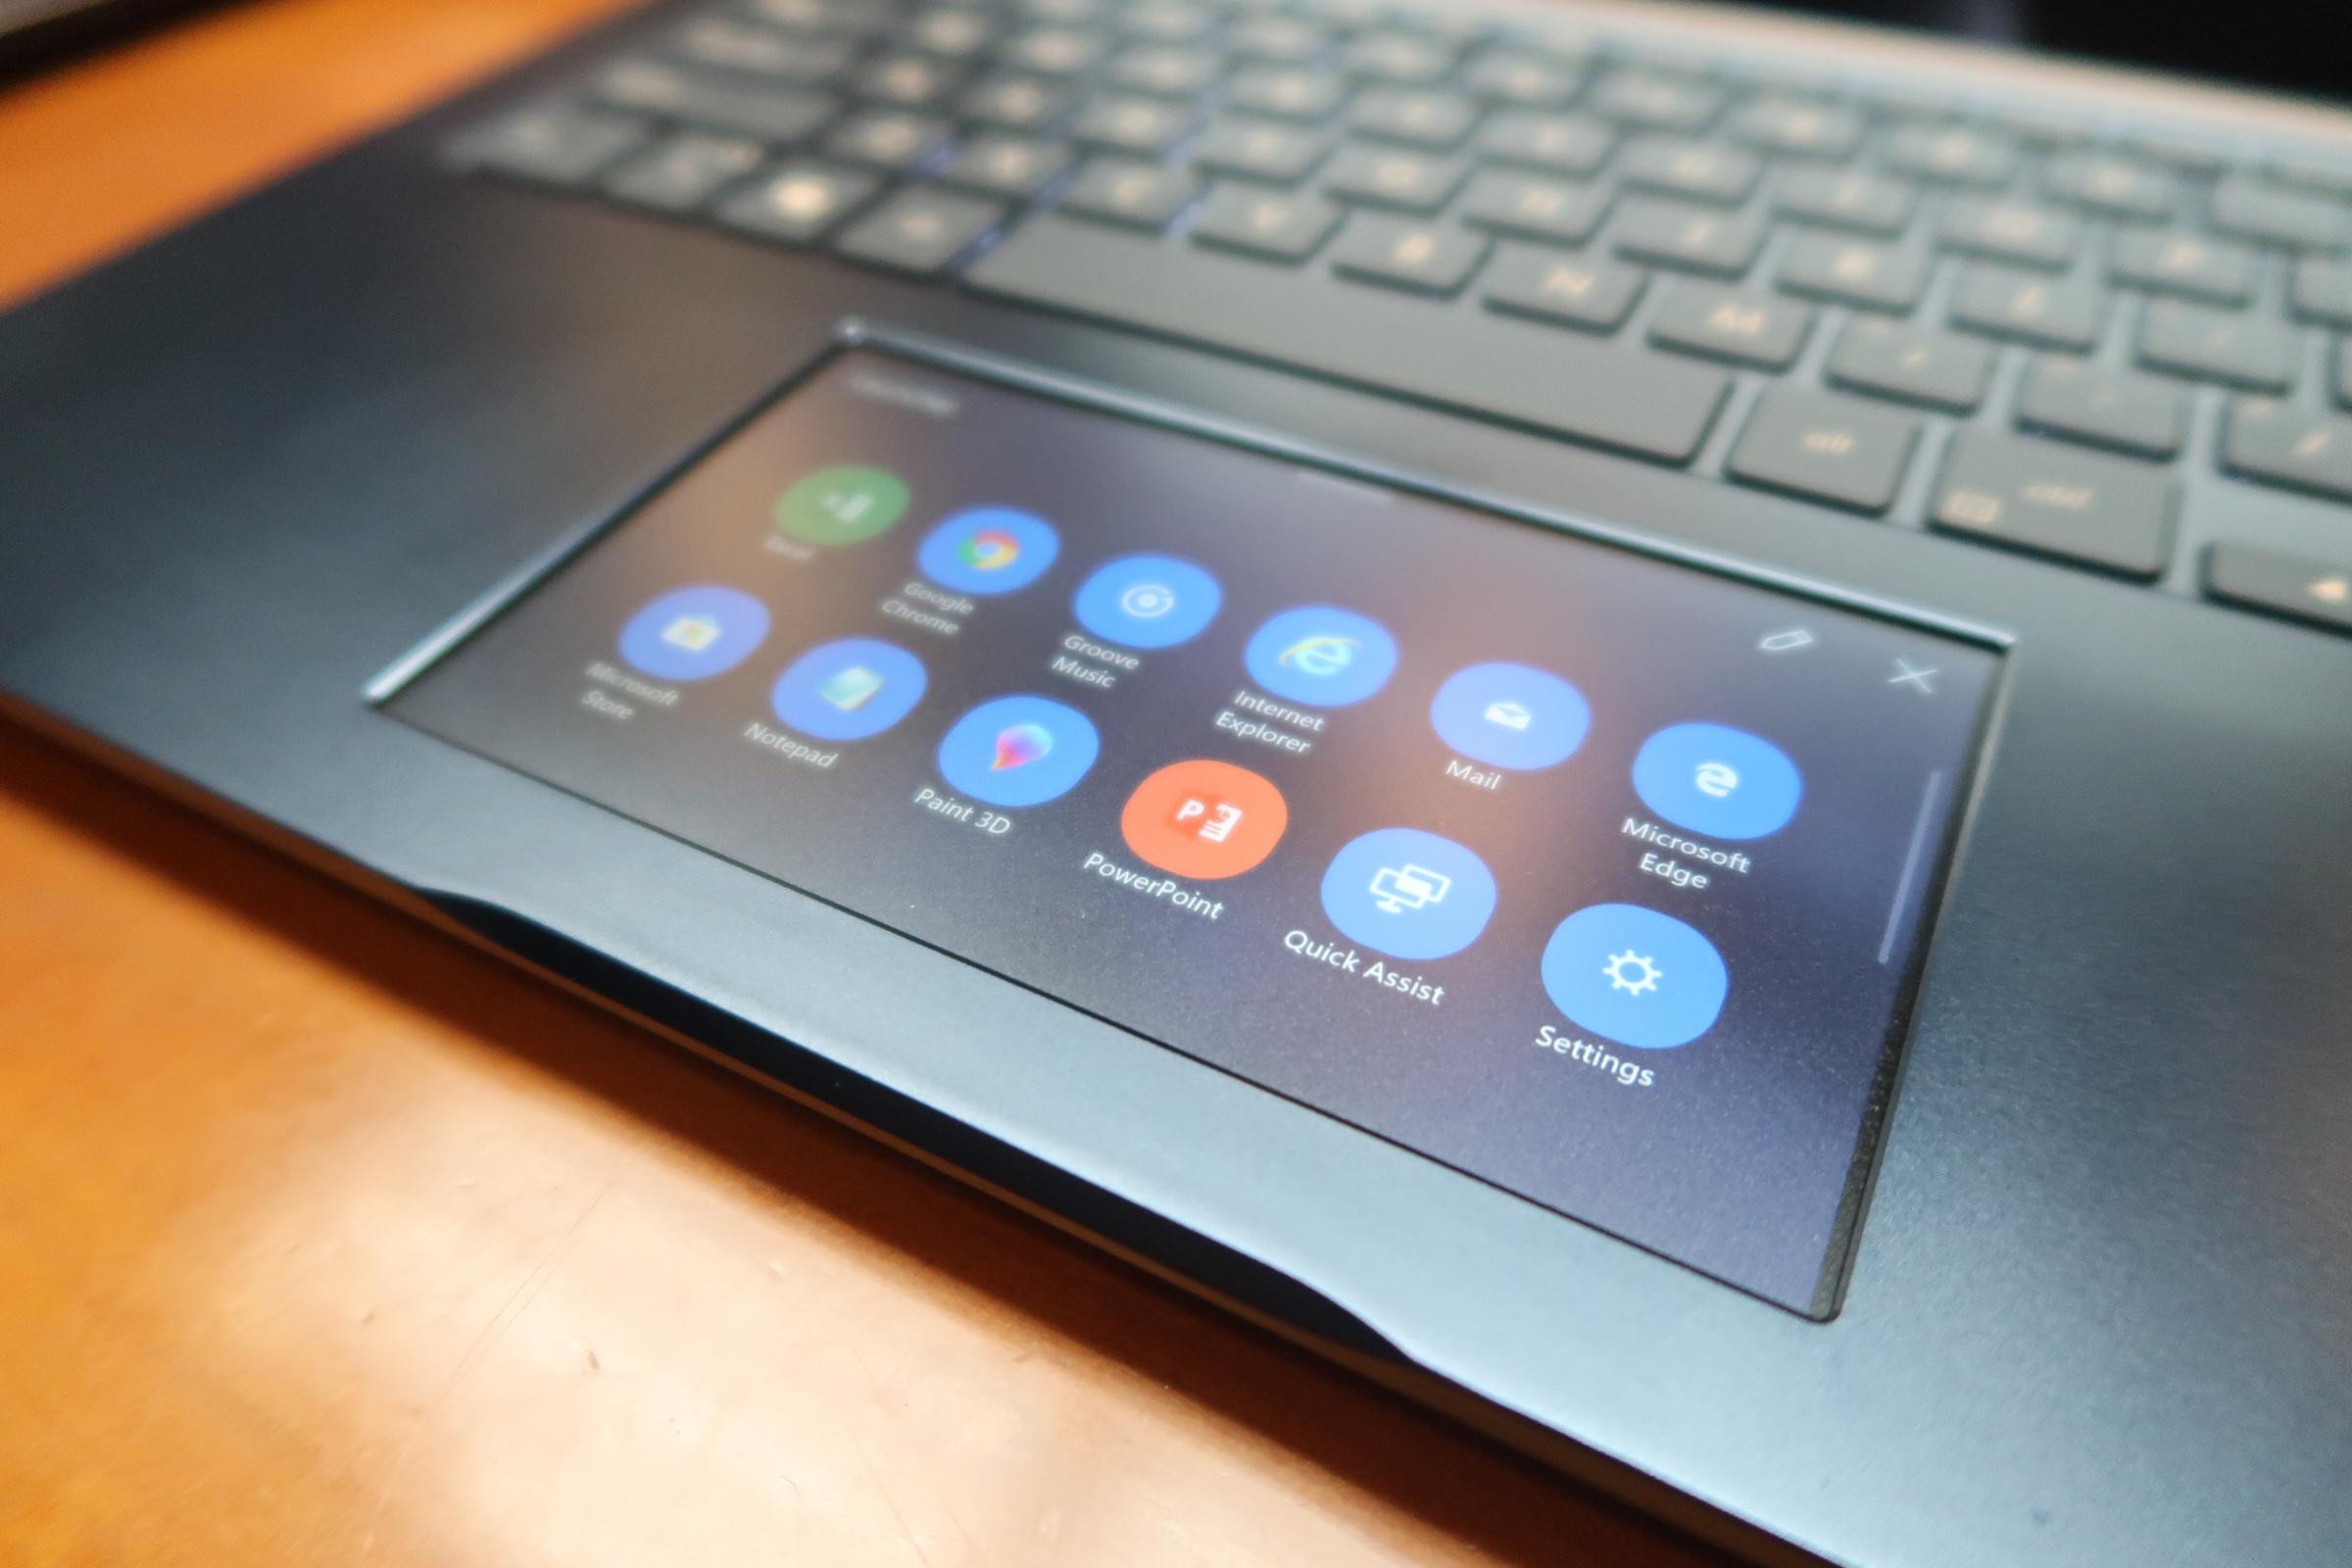 华硕灵耀X Pro上手体验:多一块屏幕 能否逆袭MacBook Pro?的照片 - 8